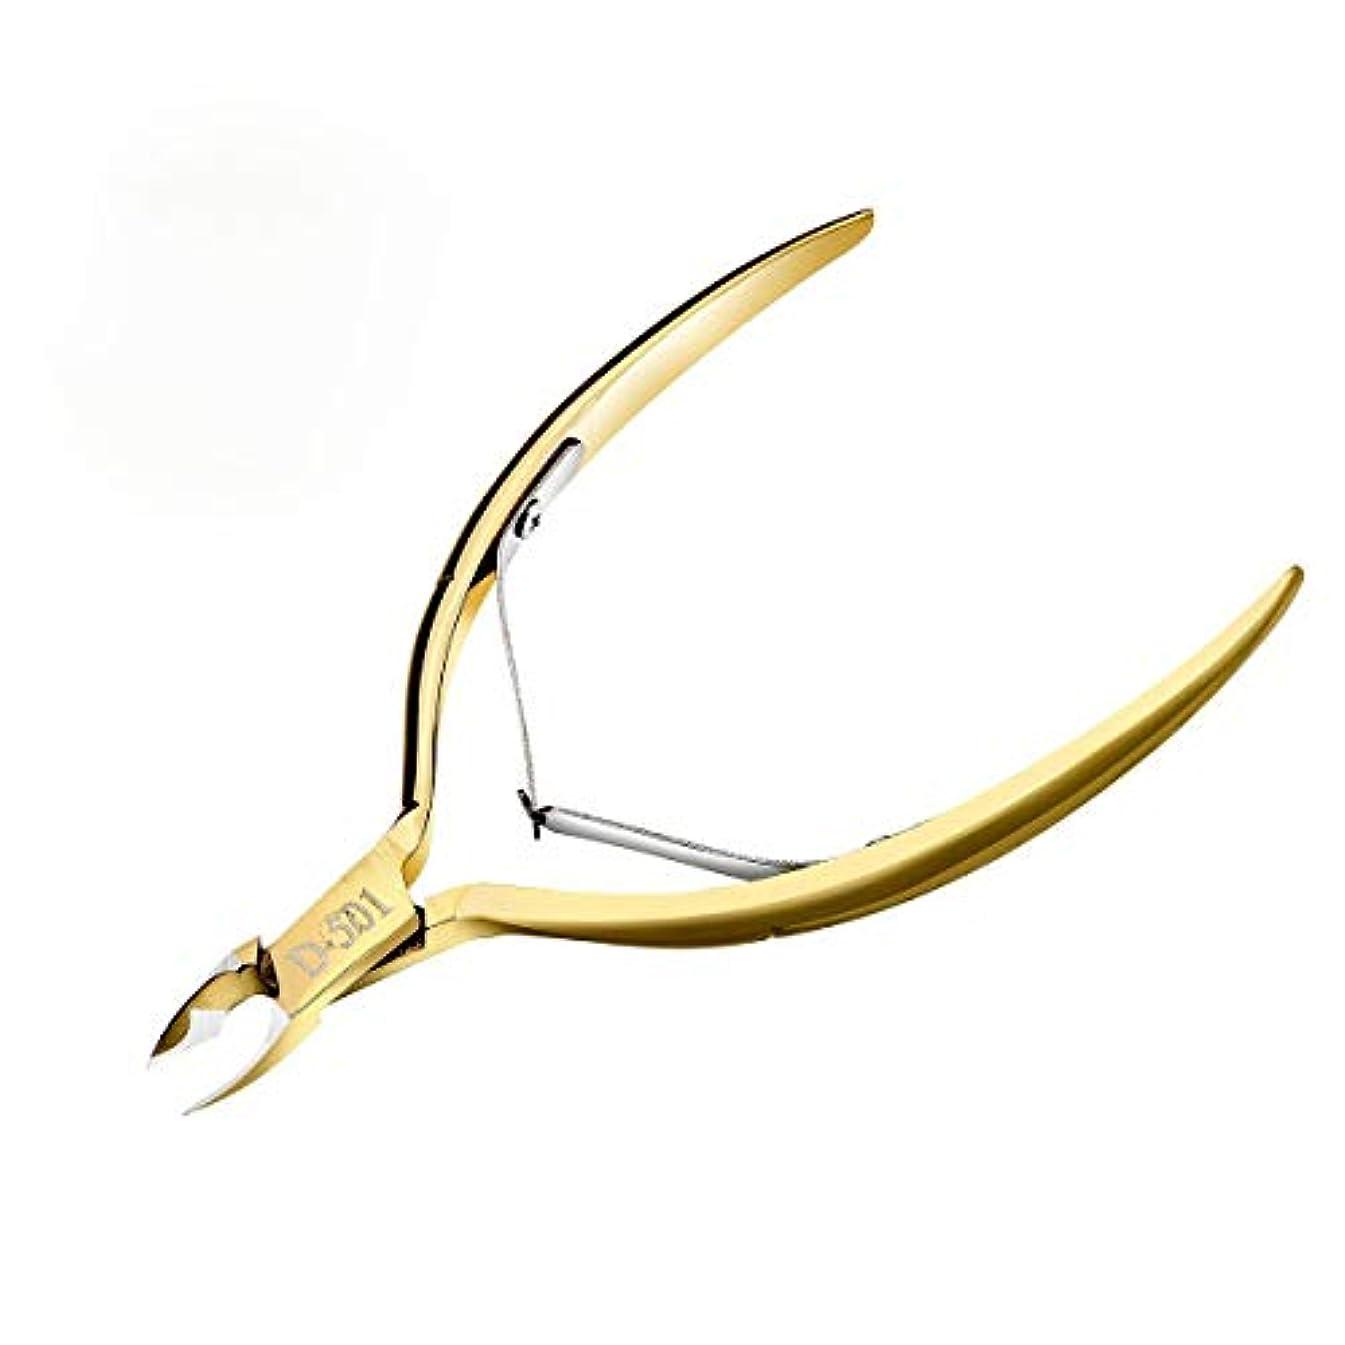 リップ陽気なカトリック教徒Makartt® JAW1/4  キューティクルニッパー 甘皮切り ささくれニッパー ニッパー式爪切り 魚の目などの角質にも対応